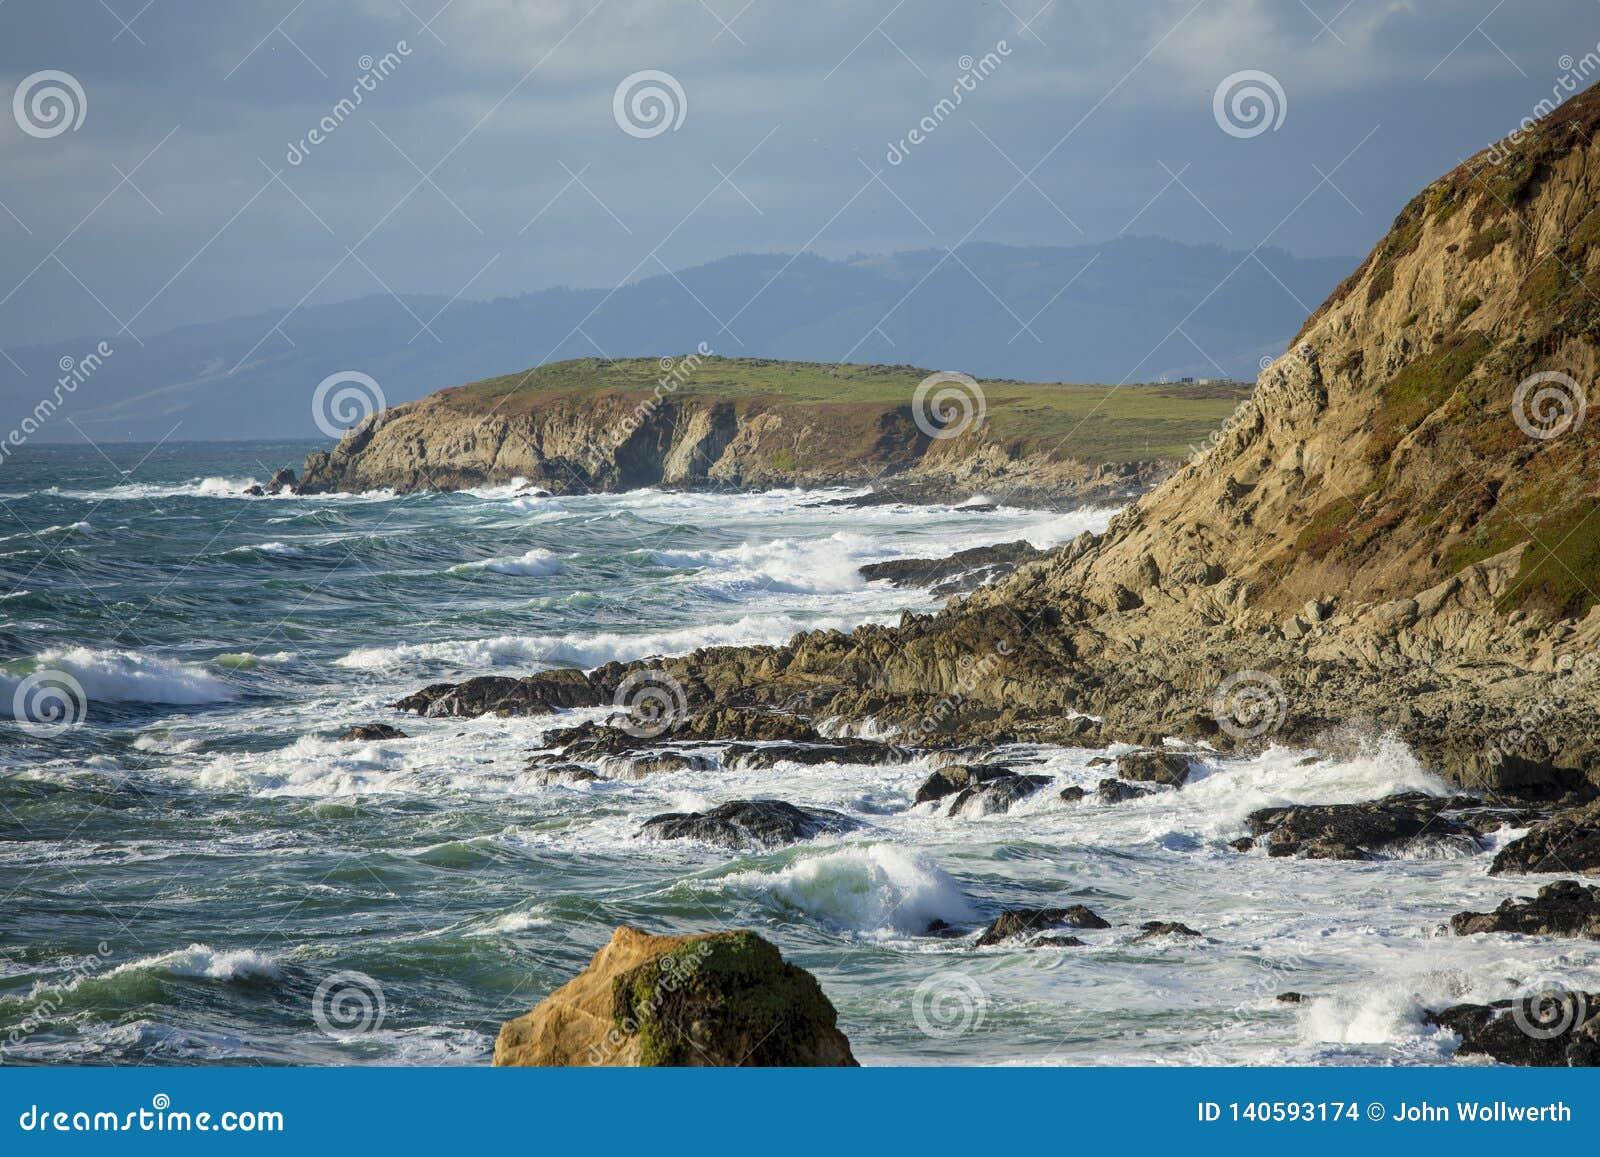 Κύματα που συντρίβουν στην ακτή Καλιφόρνιας κοντά στο Σαν Φρανσίσκο